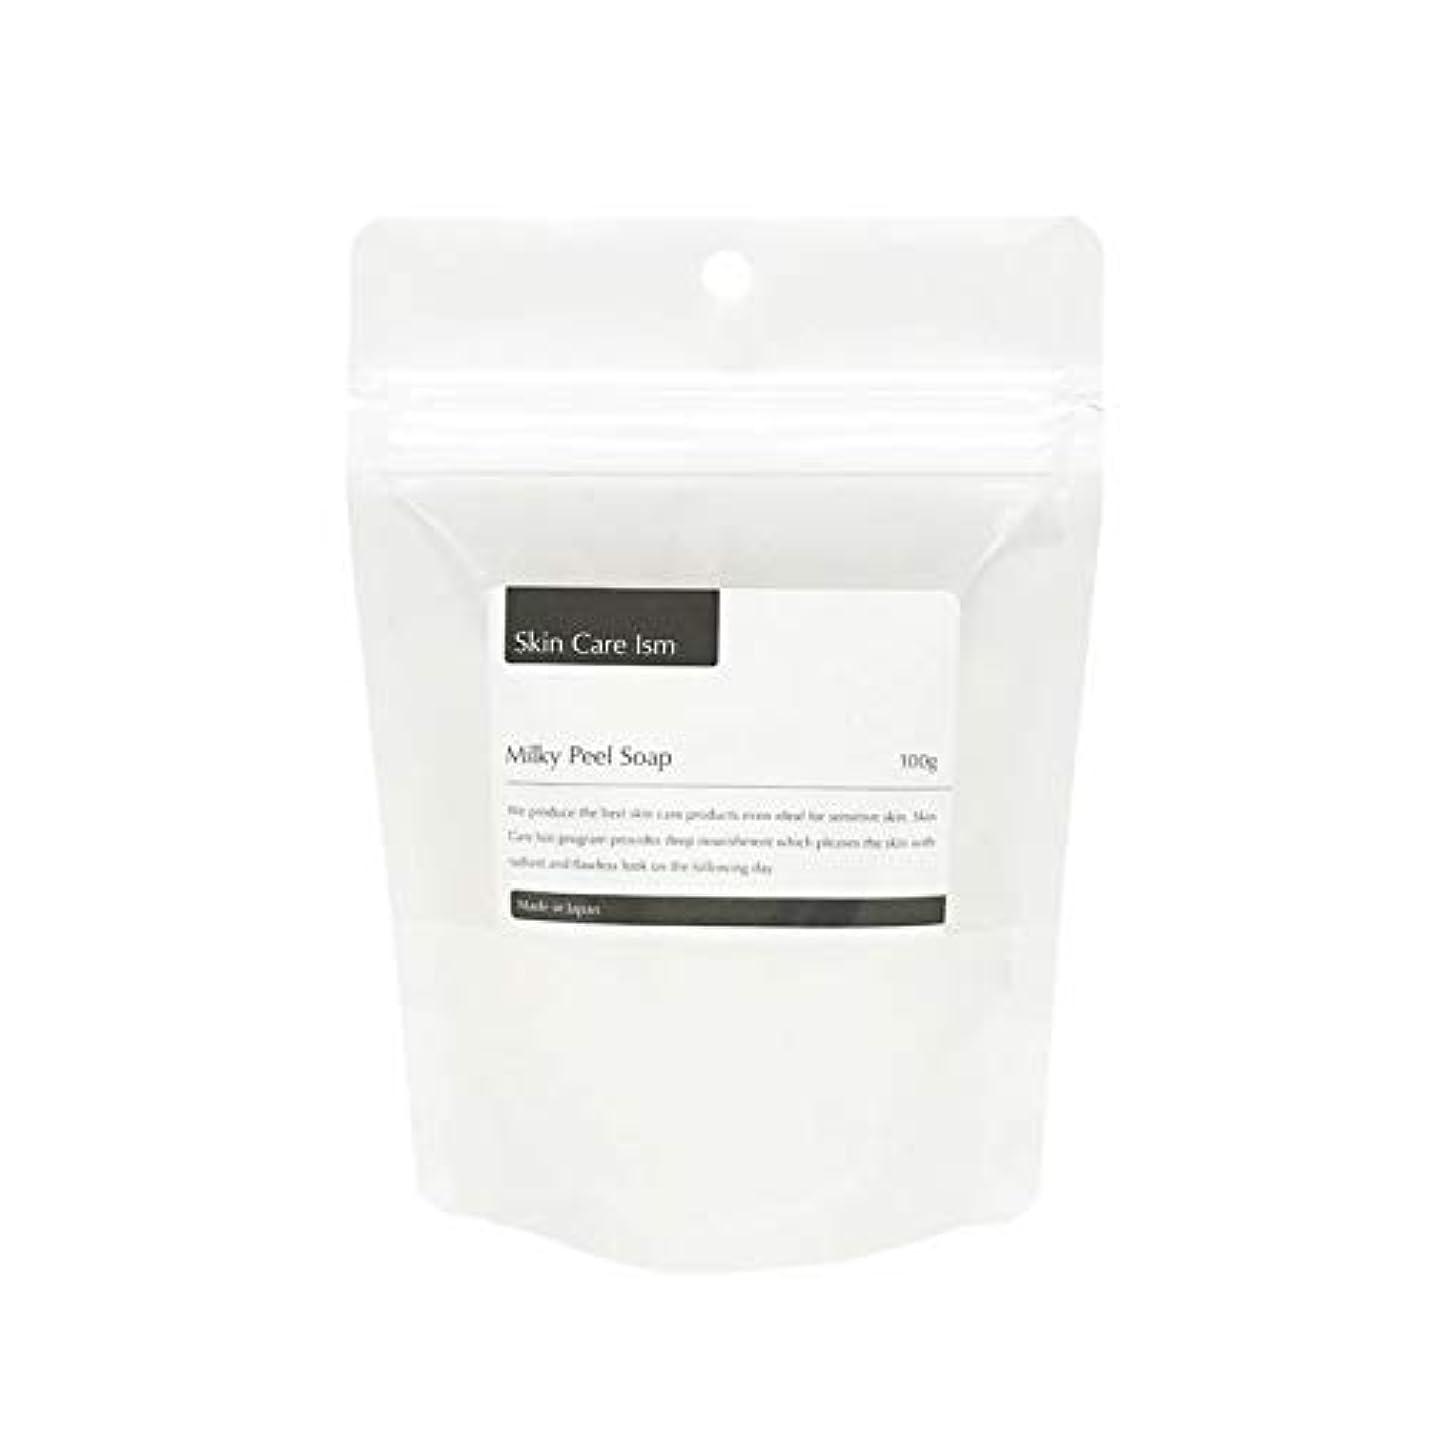 予定質素な令状【Skin Care Ism / Milky Peel Soap】スキンケアイズム?ミルキーピールソープ